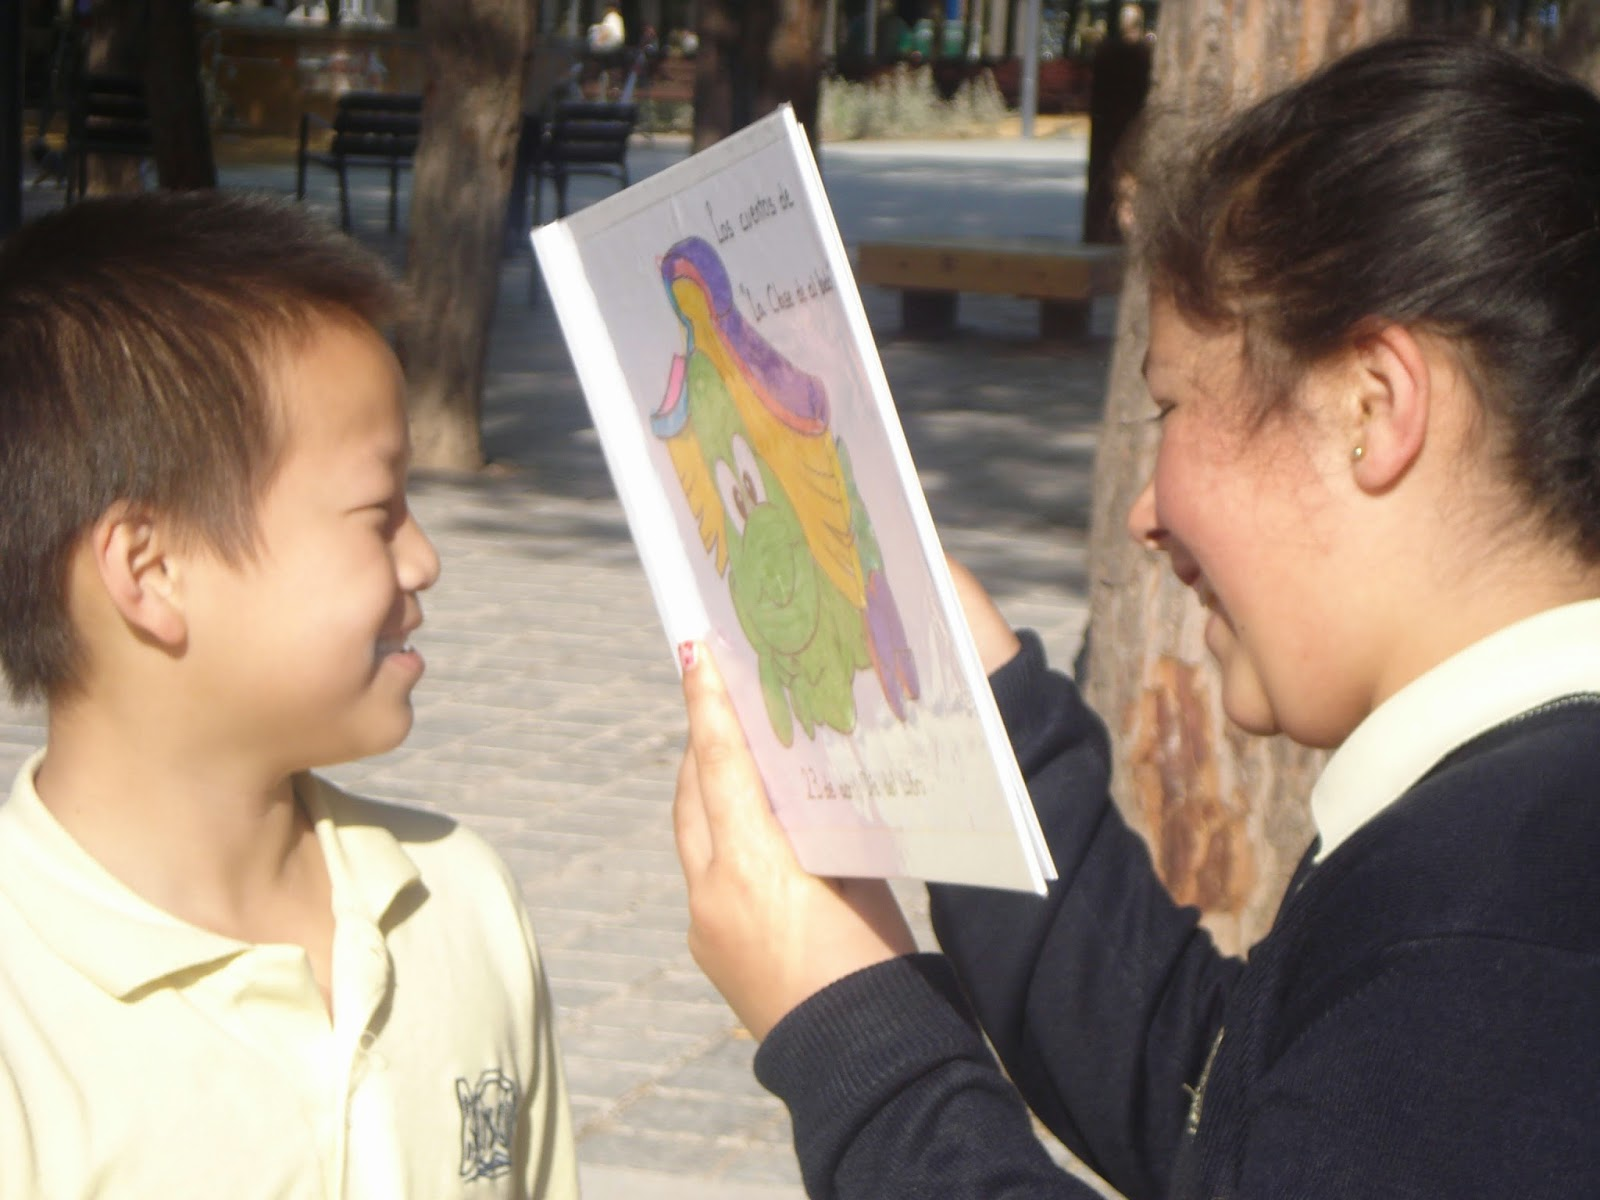 http://lecturaboscos.blogspot.com.es/2015/04/leemos-en-la-calle.html